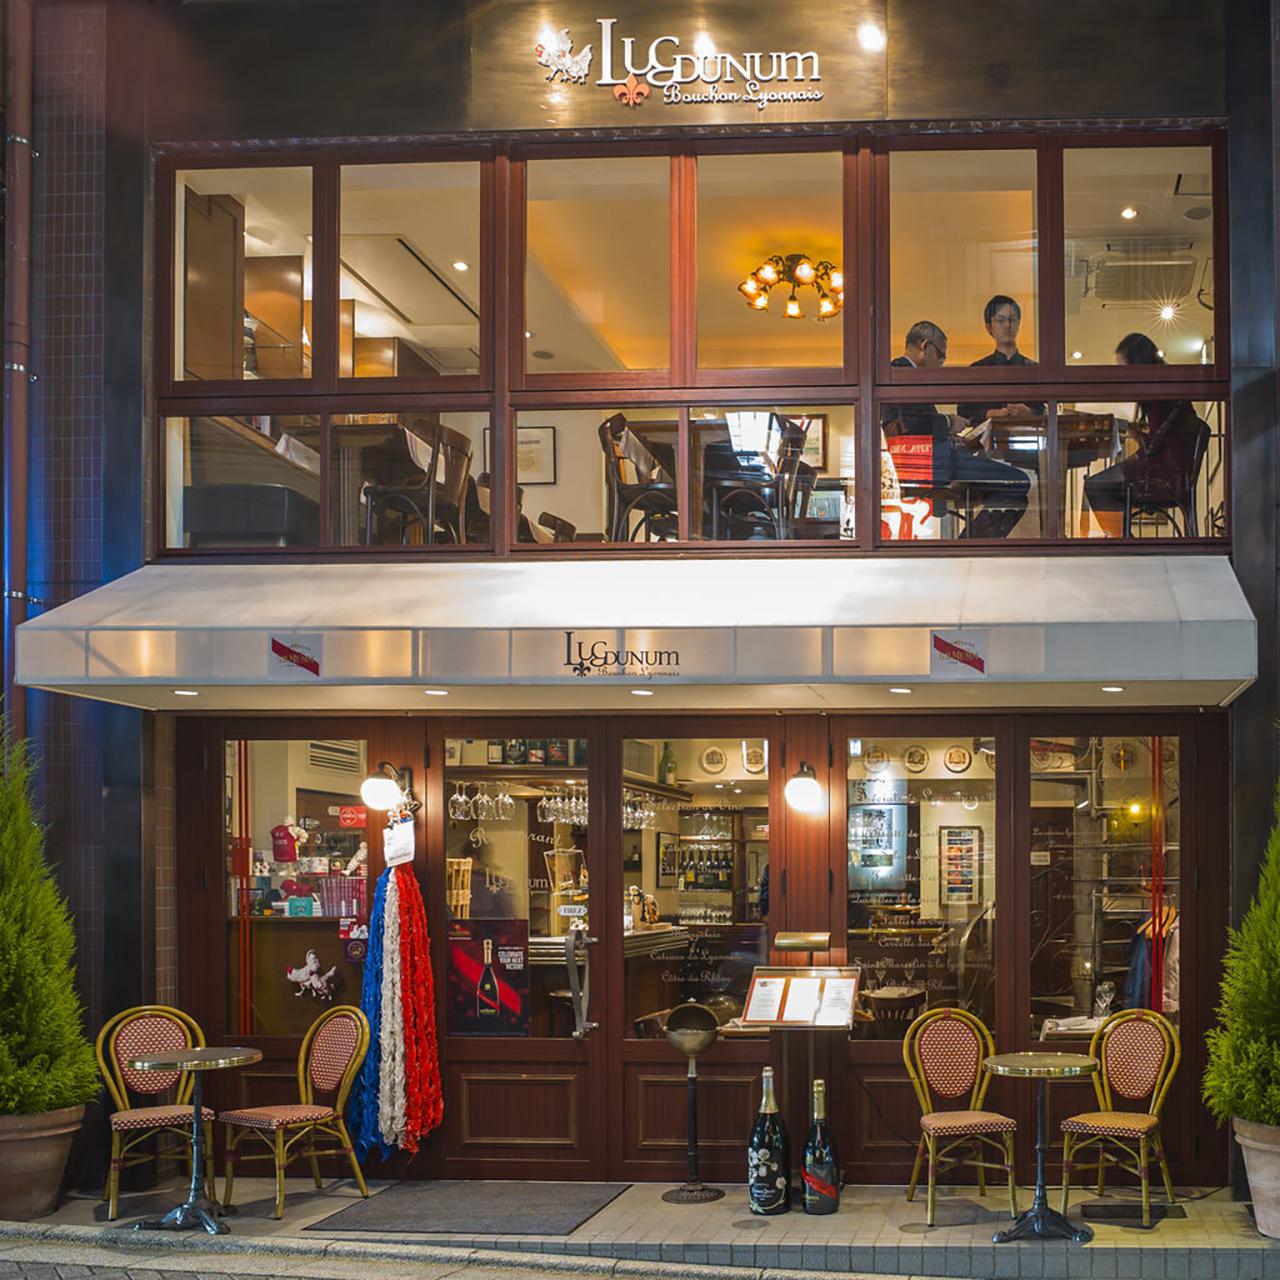 ร้านอาหารฝรั่งเศส Lugdunum Bouchon Lyonnais ใน Kagurazaka